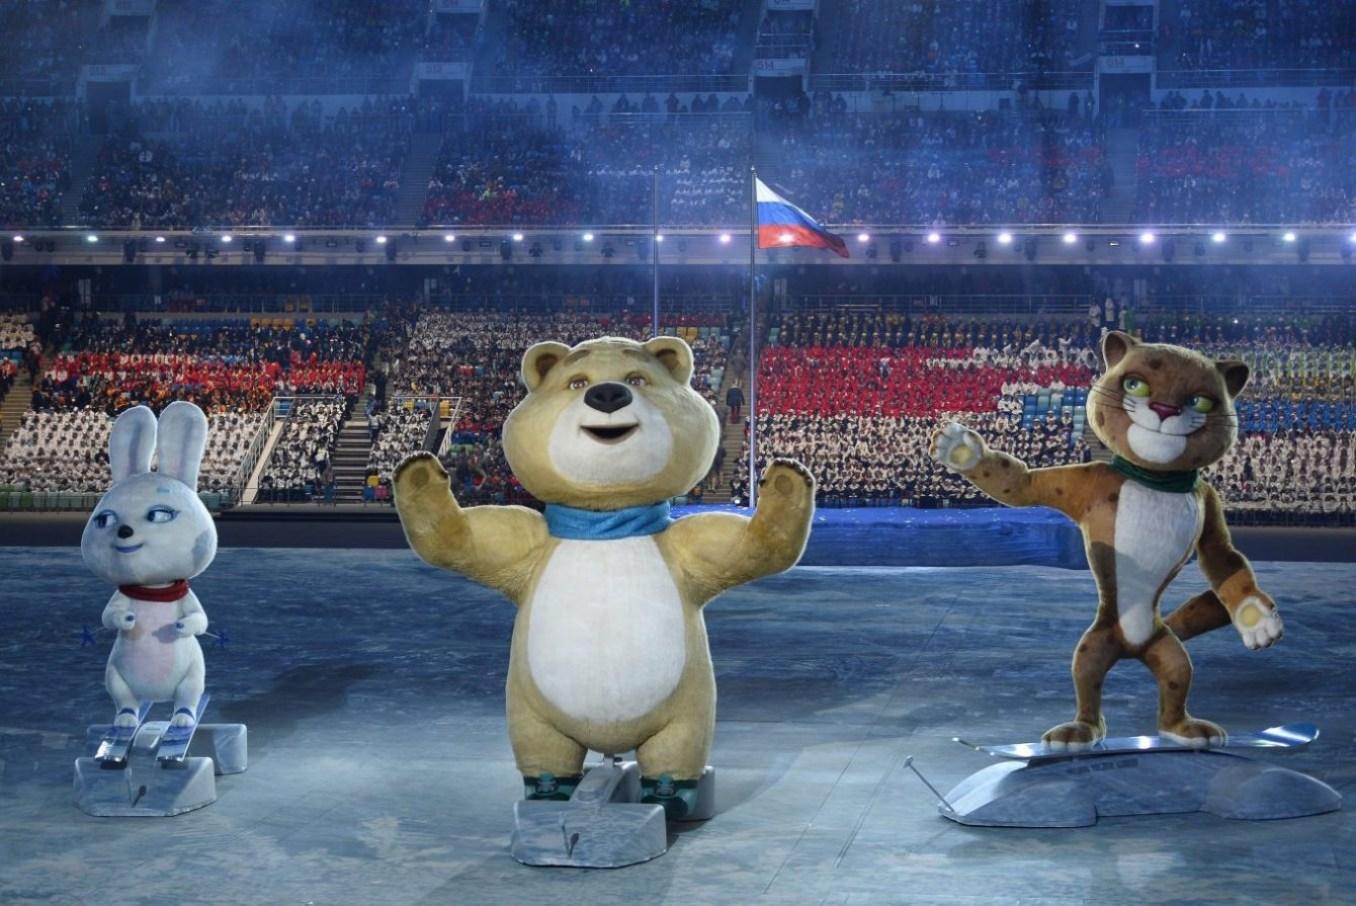 Les mascottes officielles des Jeux d'hiver de 2014, le léopard, l'ours polaire et le lièvre, s'agitent pendant la cérémonie d'ouverture. Vendredi 7 février 2014. (AP Photo/Lionel Bonaventure, Pool)